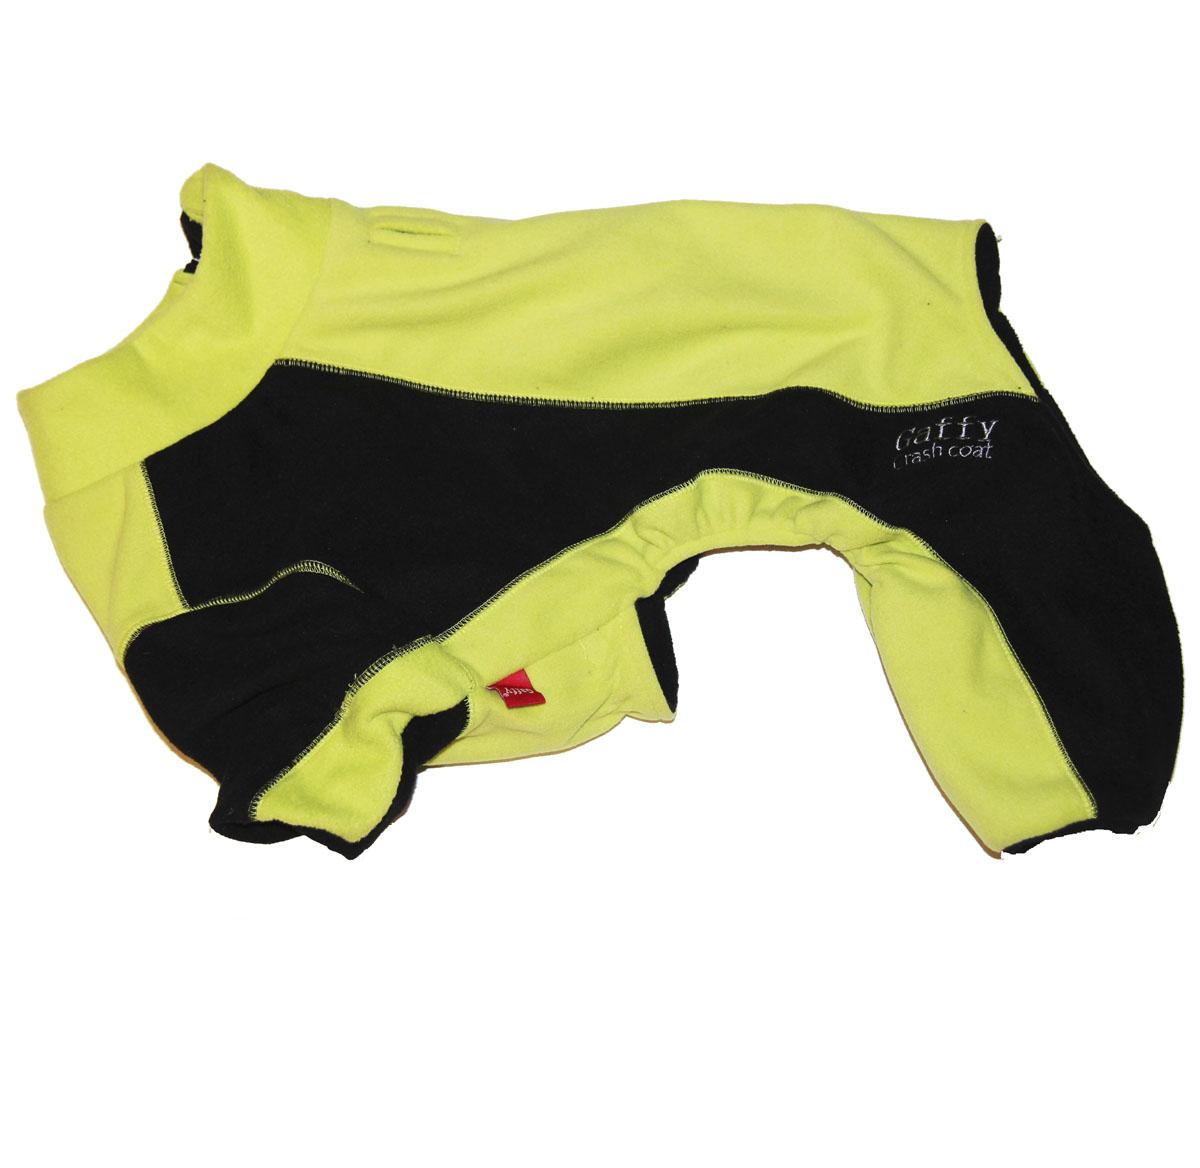 Комбинезон для собак Gaffy Pet, унисекс, цвет: салатовый, черный. Размер L